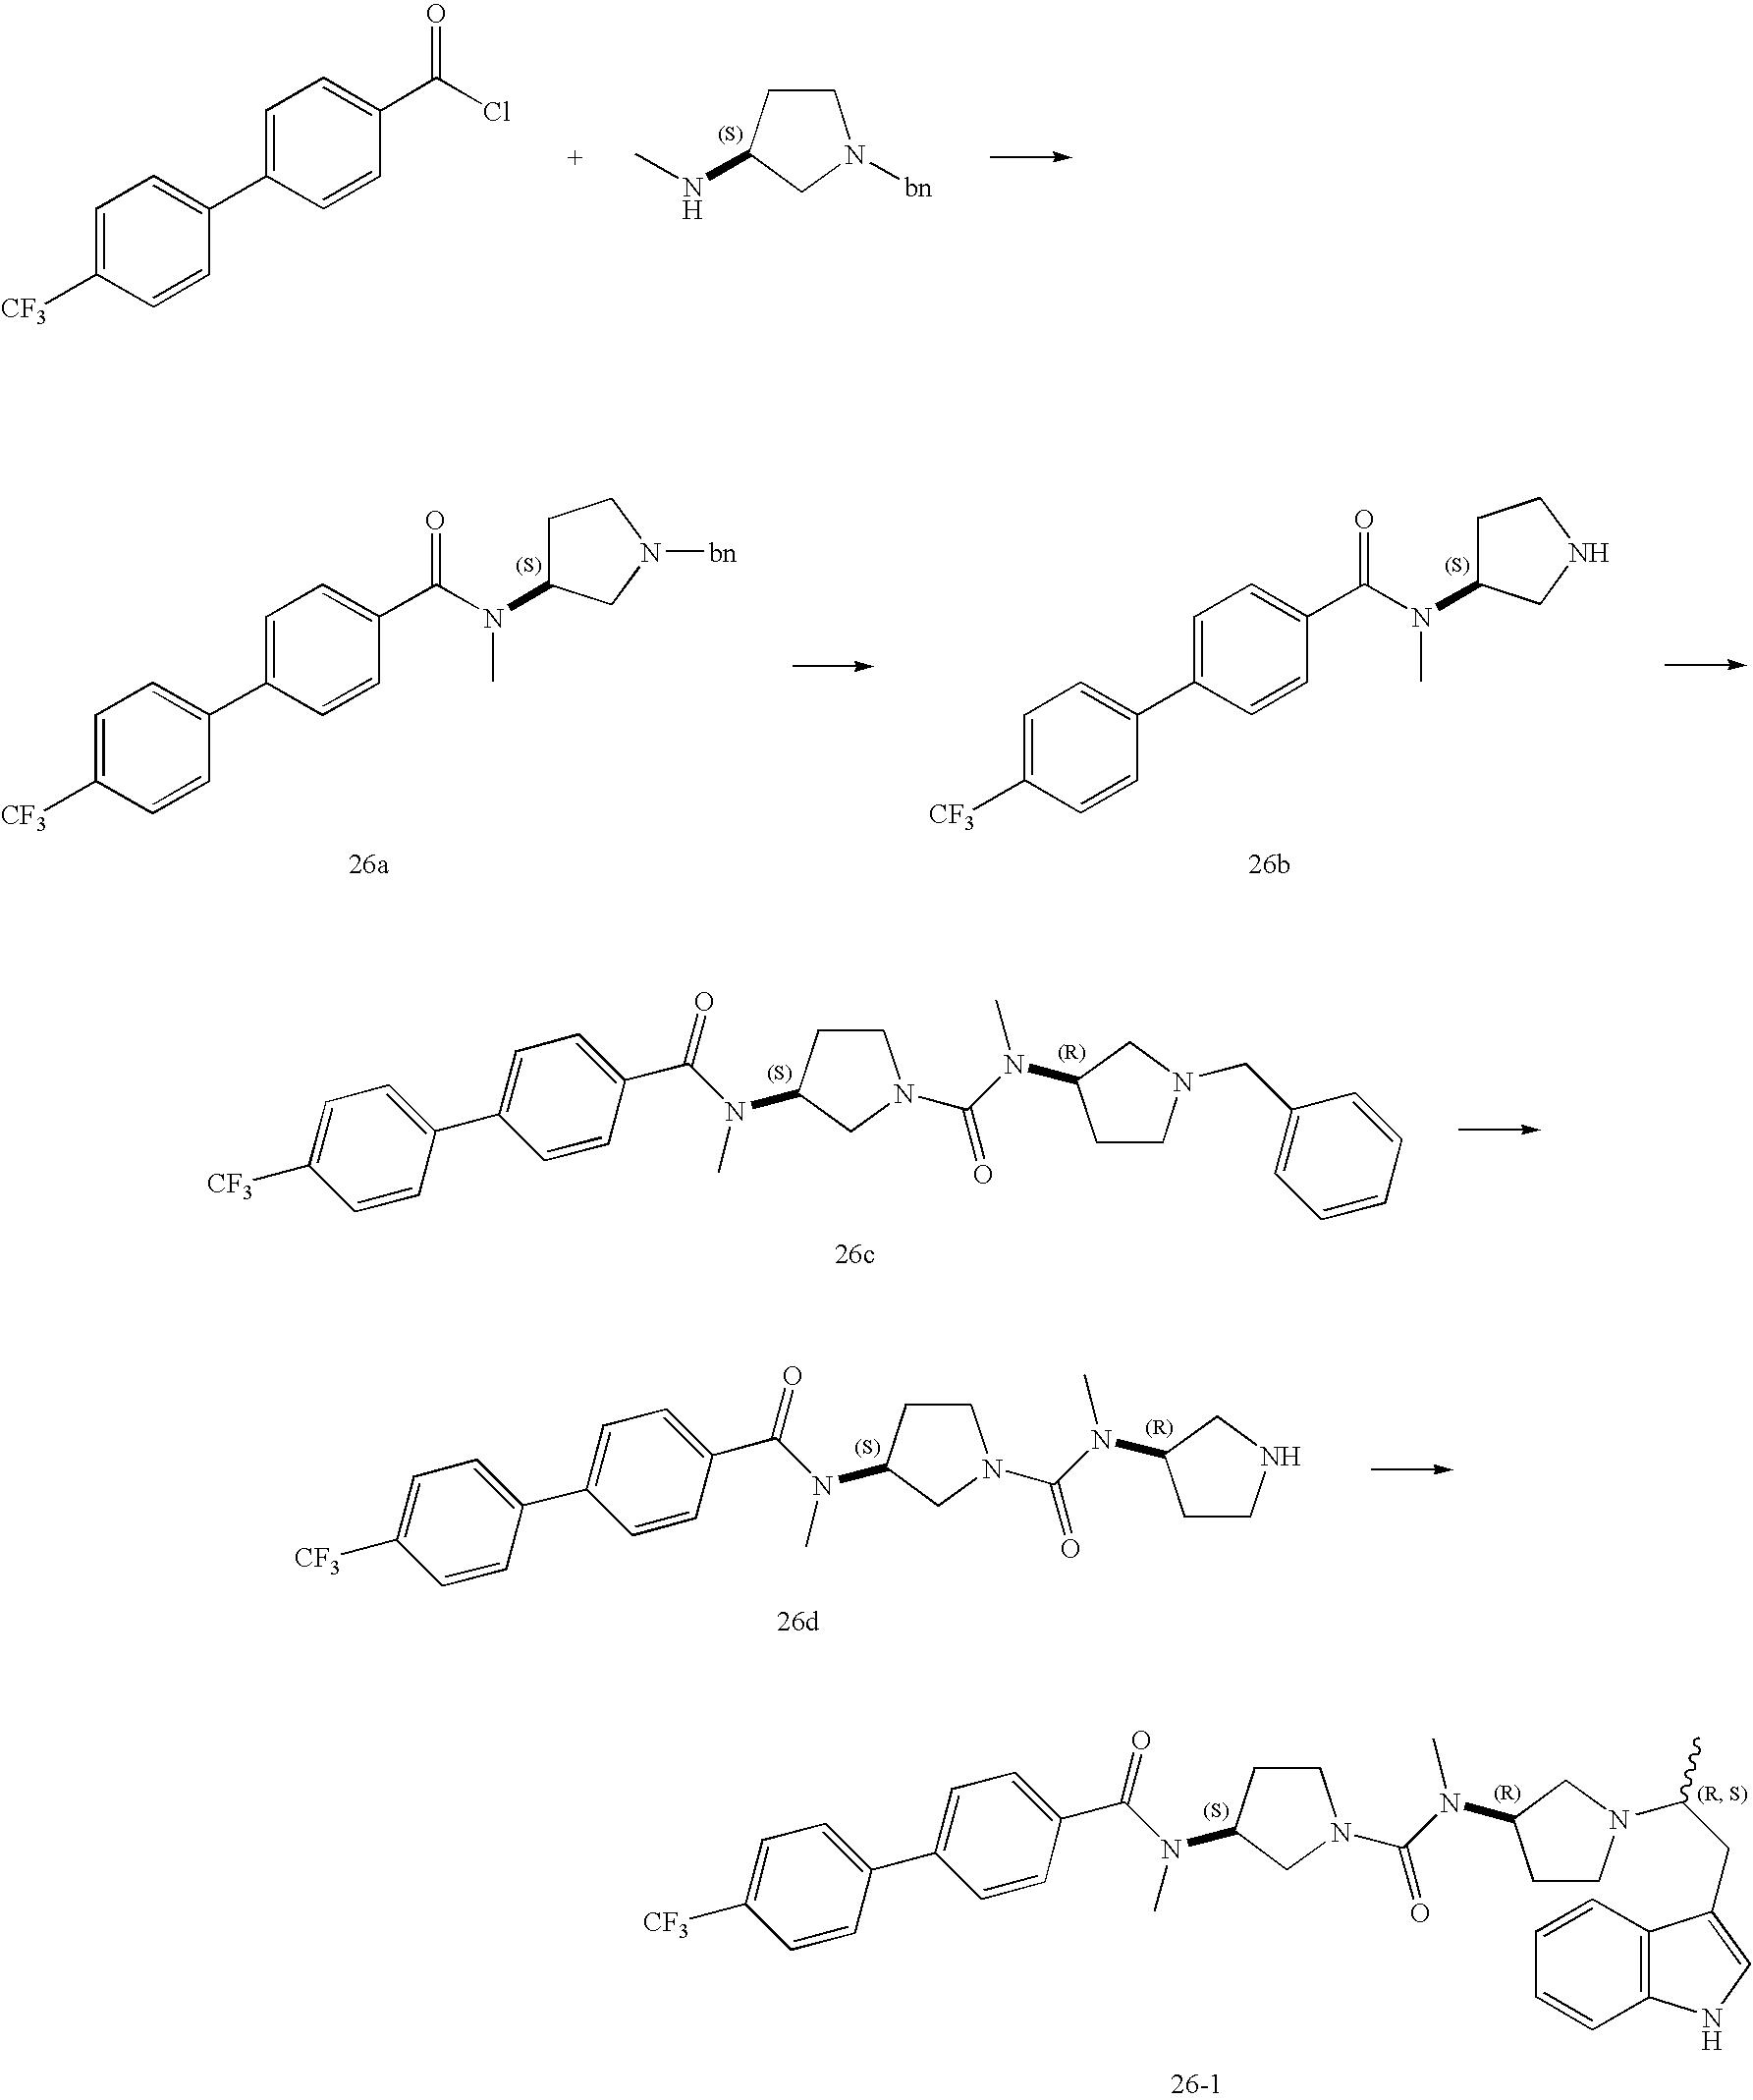 Figure US20060178403A1-20060810-C00473